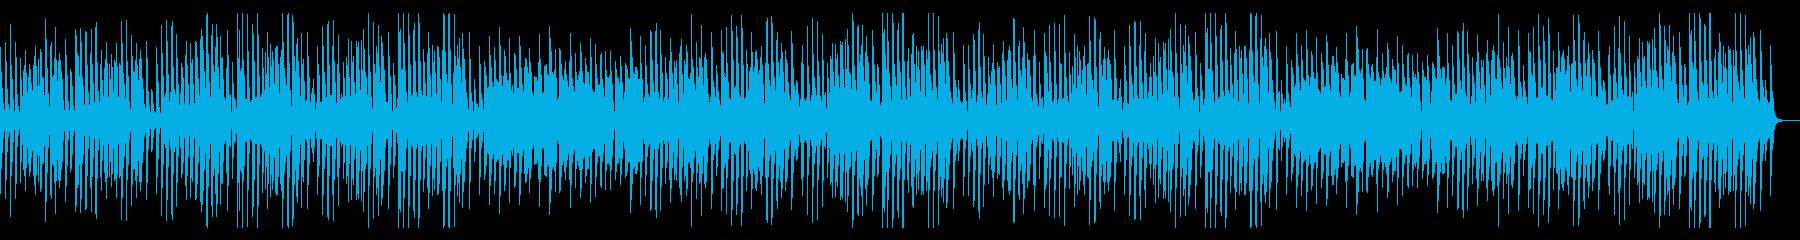 ほのぼのとした日常を表した可愛いBGMの再生済みの波形